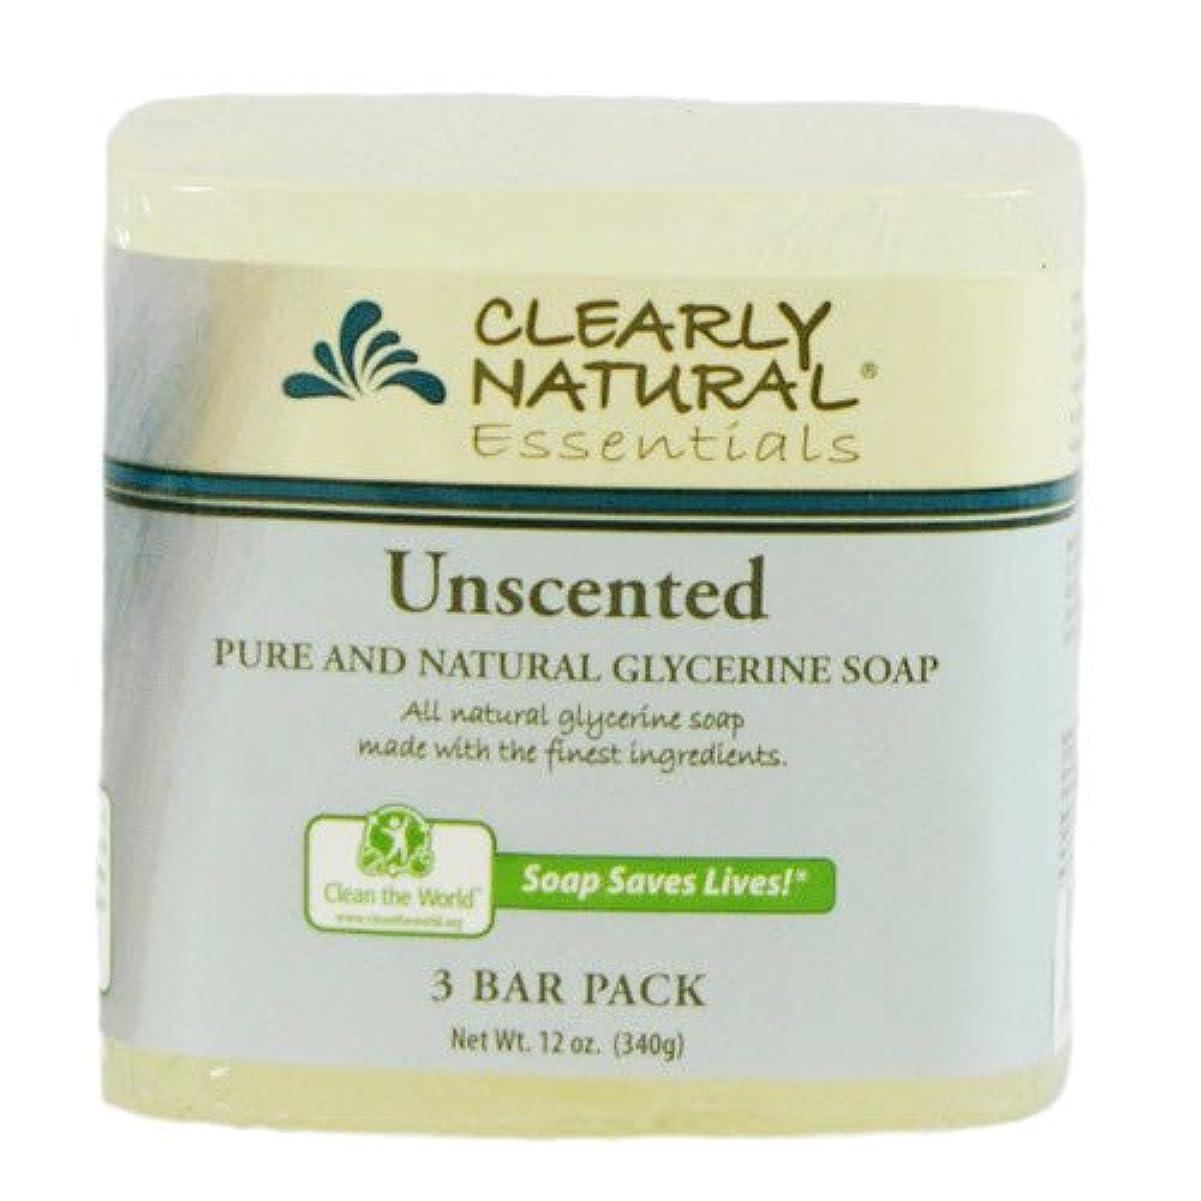 最小化する透過性通知Clearly Natural, Pure and Natural Glycerine Soap, Unscented, 3 Bar Pack, 4 oz Each